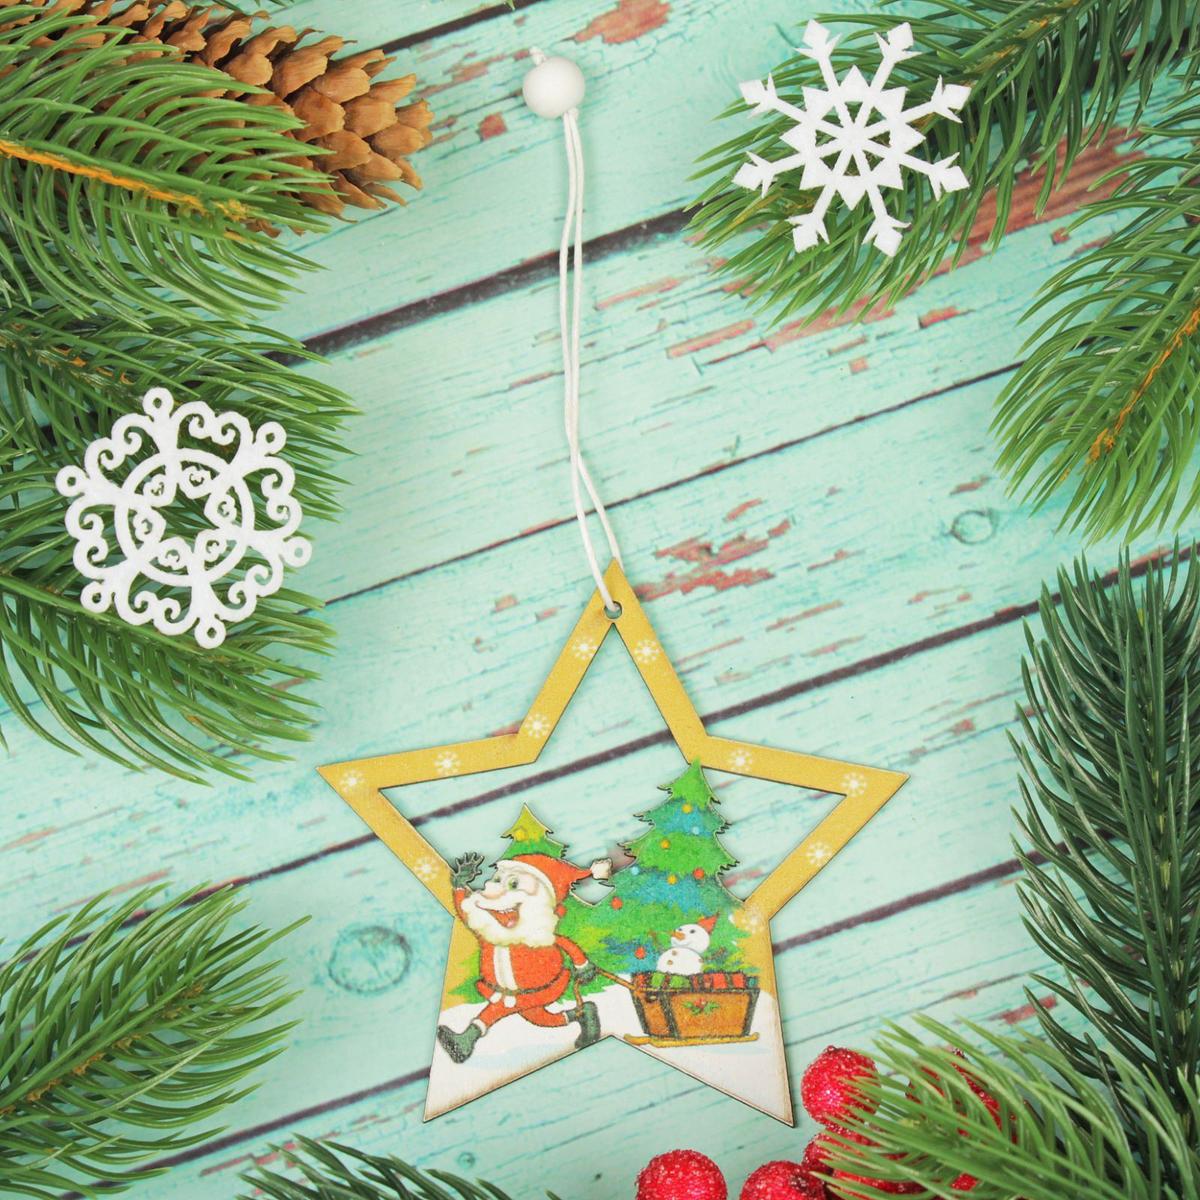 Украшение новогоднее подвесное Дед Мороз в звезде2303453Новогоднее украшение, выполненное из дерева, отлично подойдет для декорации вашего дома и новогодней ели. С помощью специальной петельки украшение можно повесить в любом понравившемся вам месте. Но, конечно, удачнее всего оно будет смотреться на праздничной елке.Елочная игрушка - символ Нового года. Она несет в себе волшебство и красоту праздника. Такое украшение создаст в вашем доме атмосферу праздника, веселья и радости.